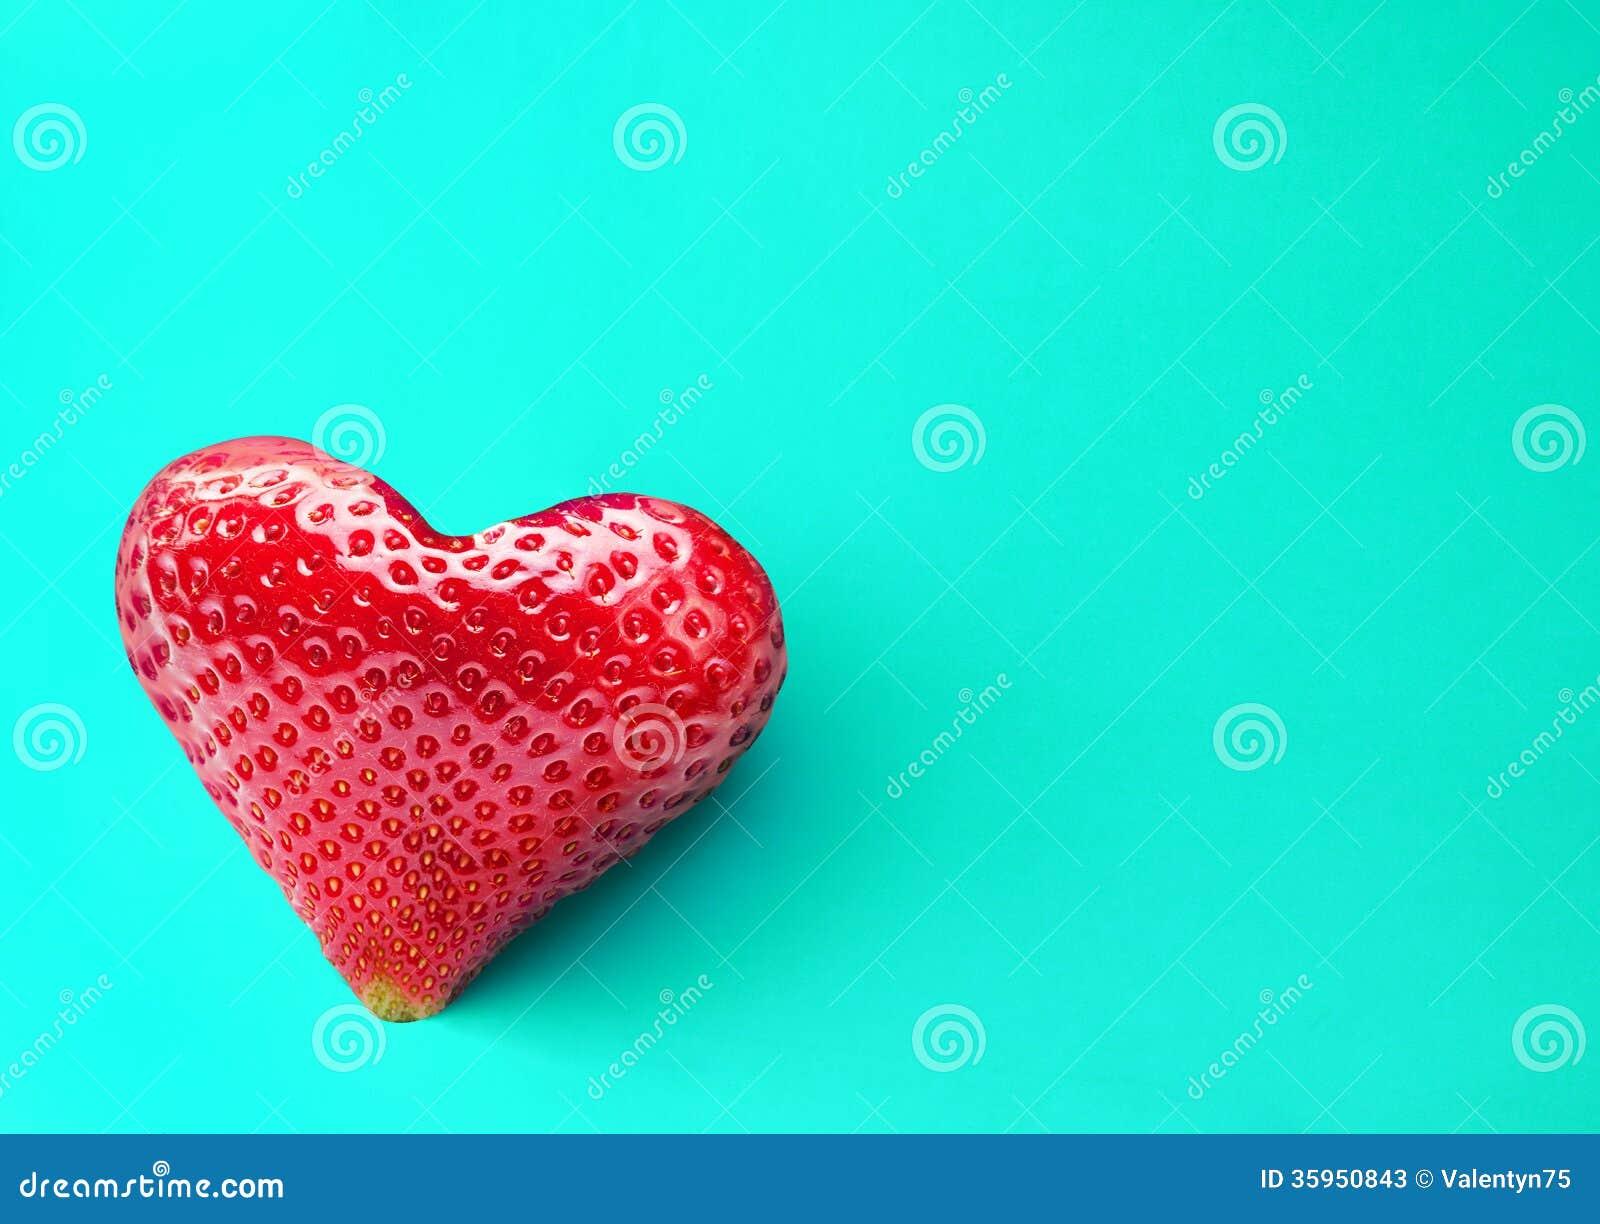 Una fruta rica de la fresa en la forma de corazón.